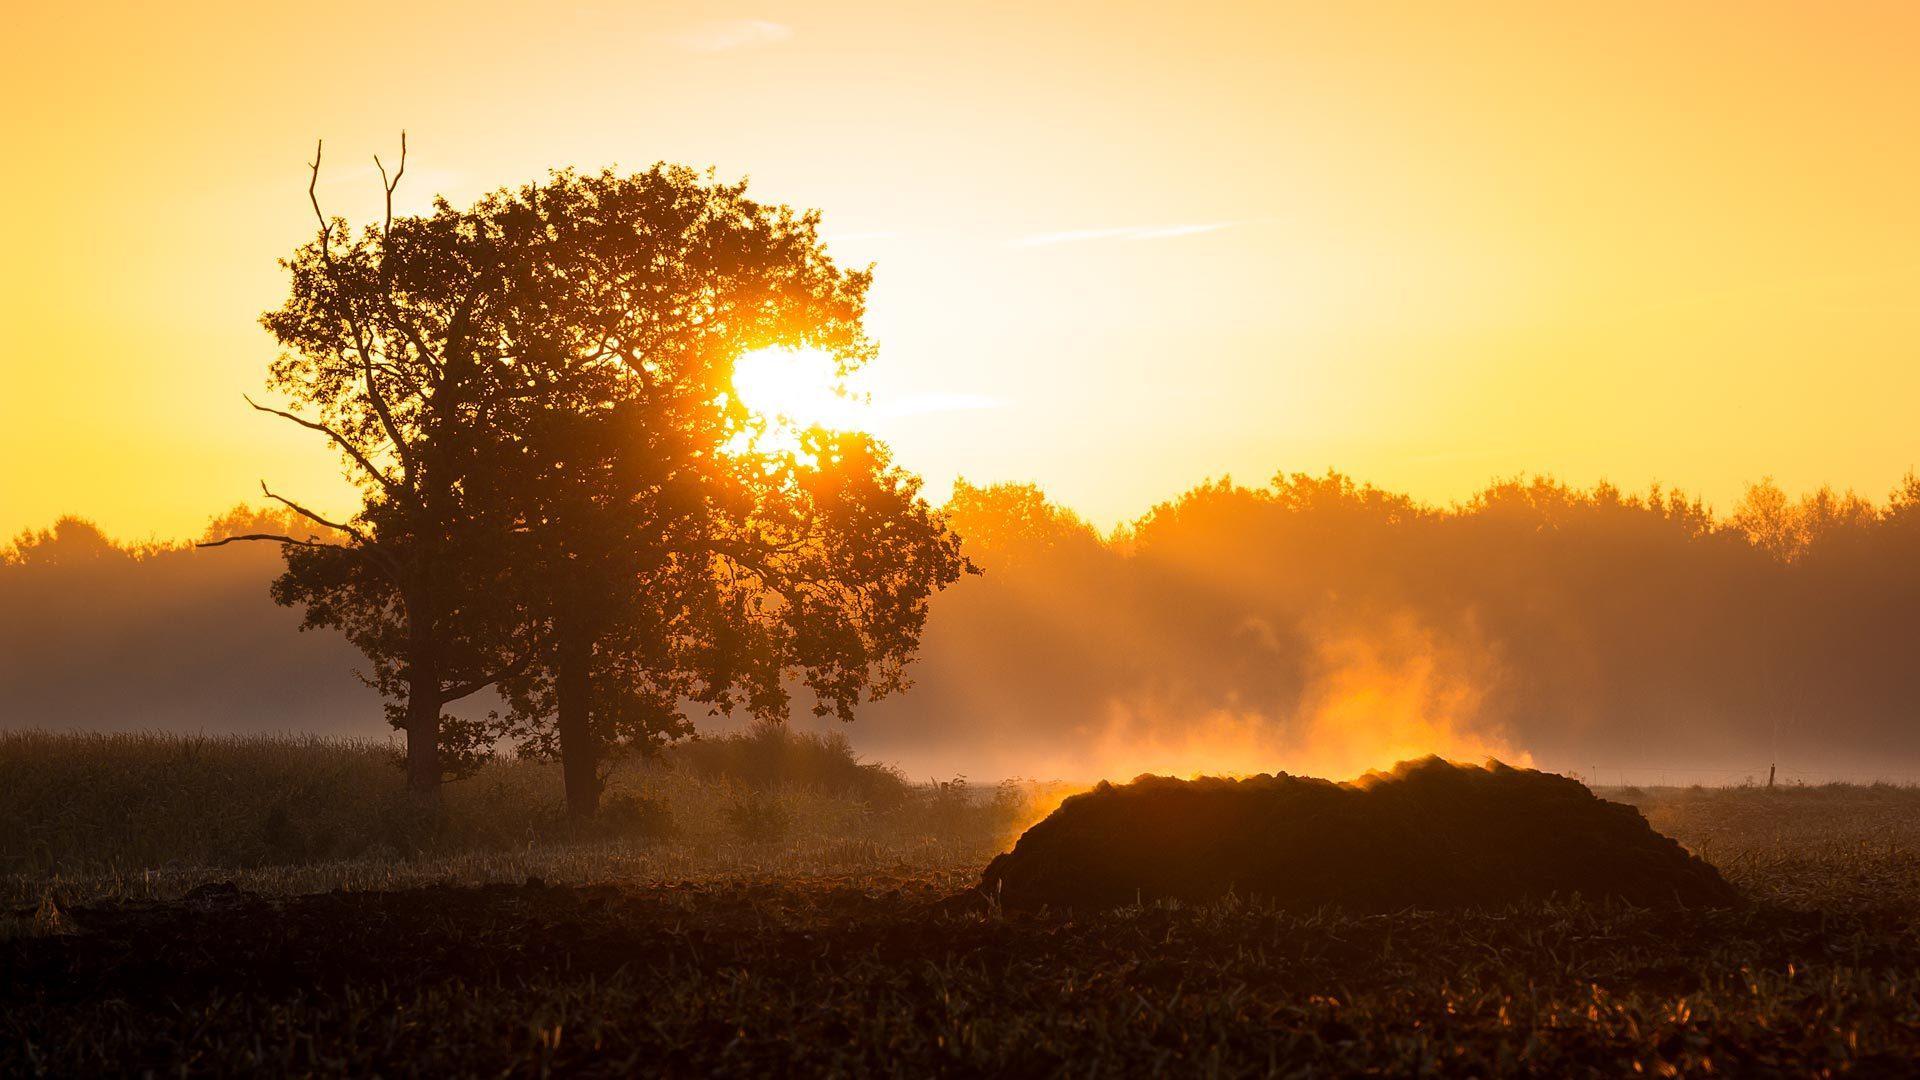 唯美日出日落风景图片高清宽屏壁纸